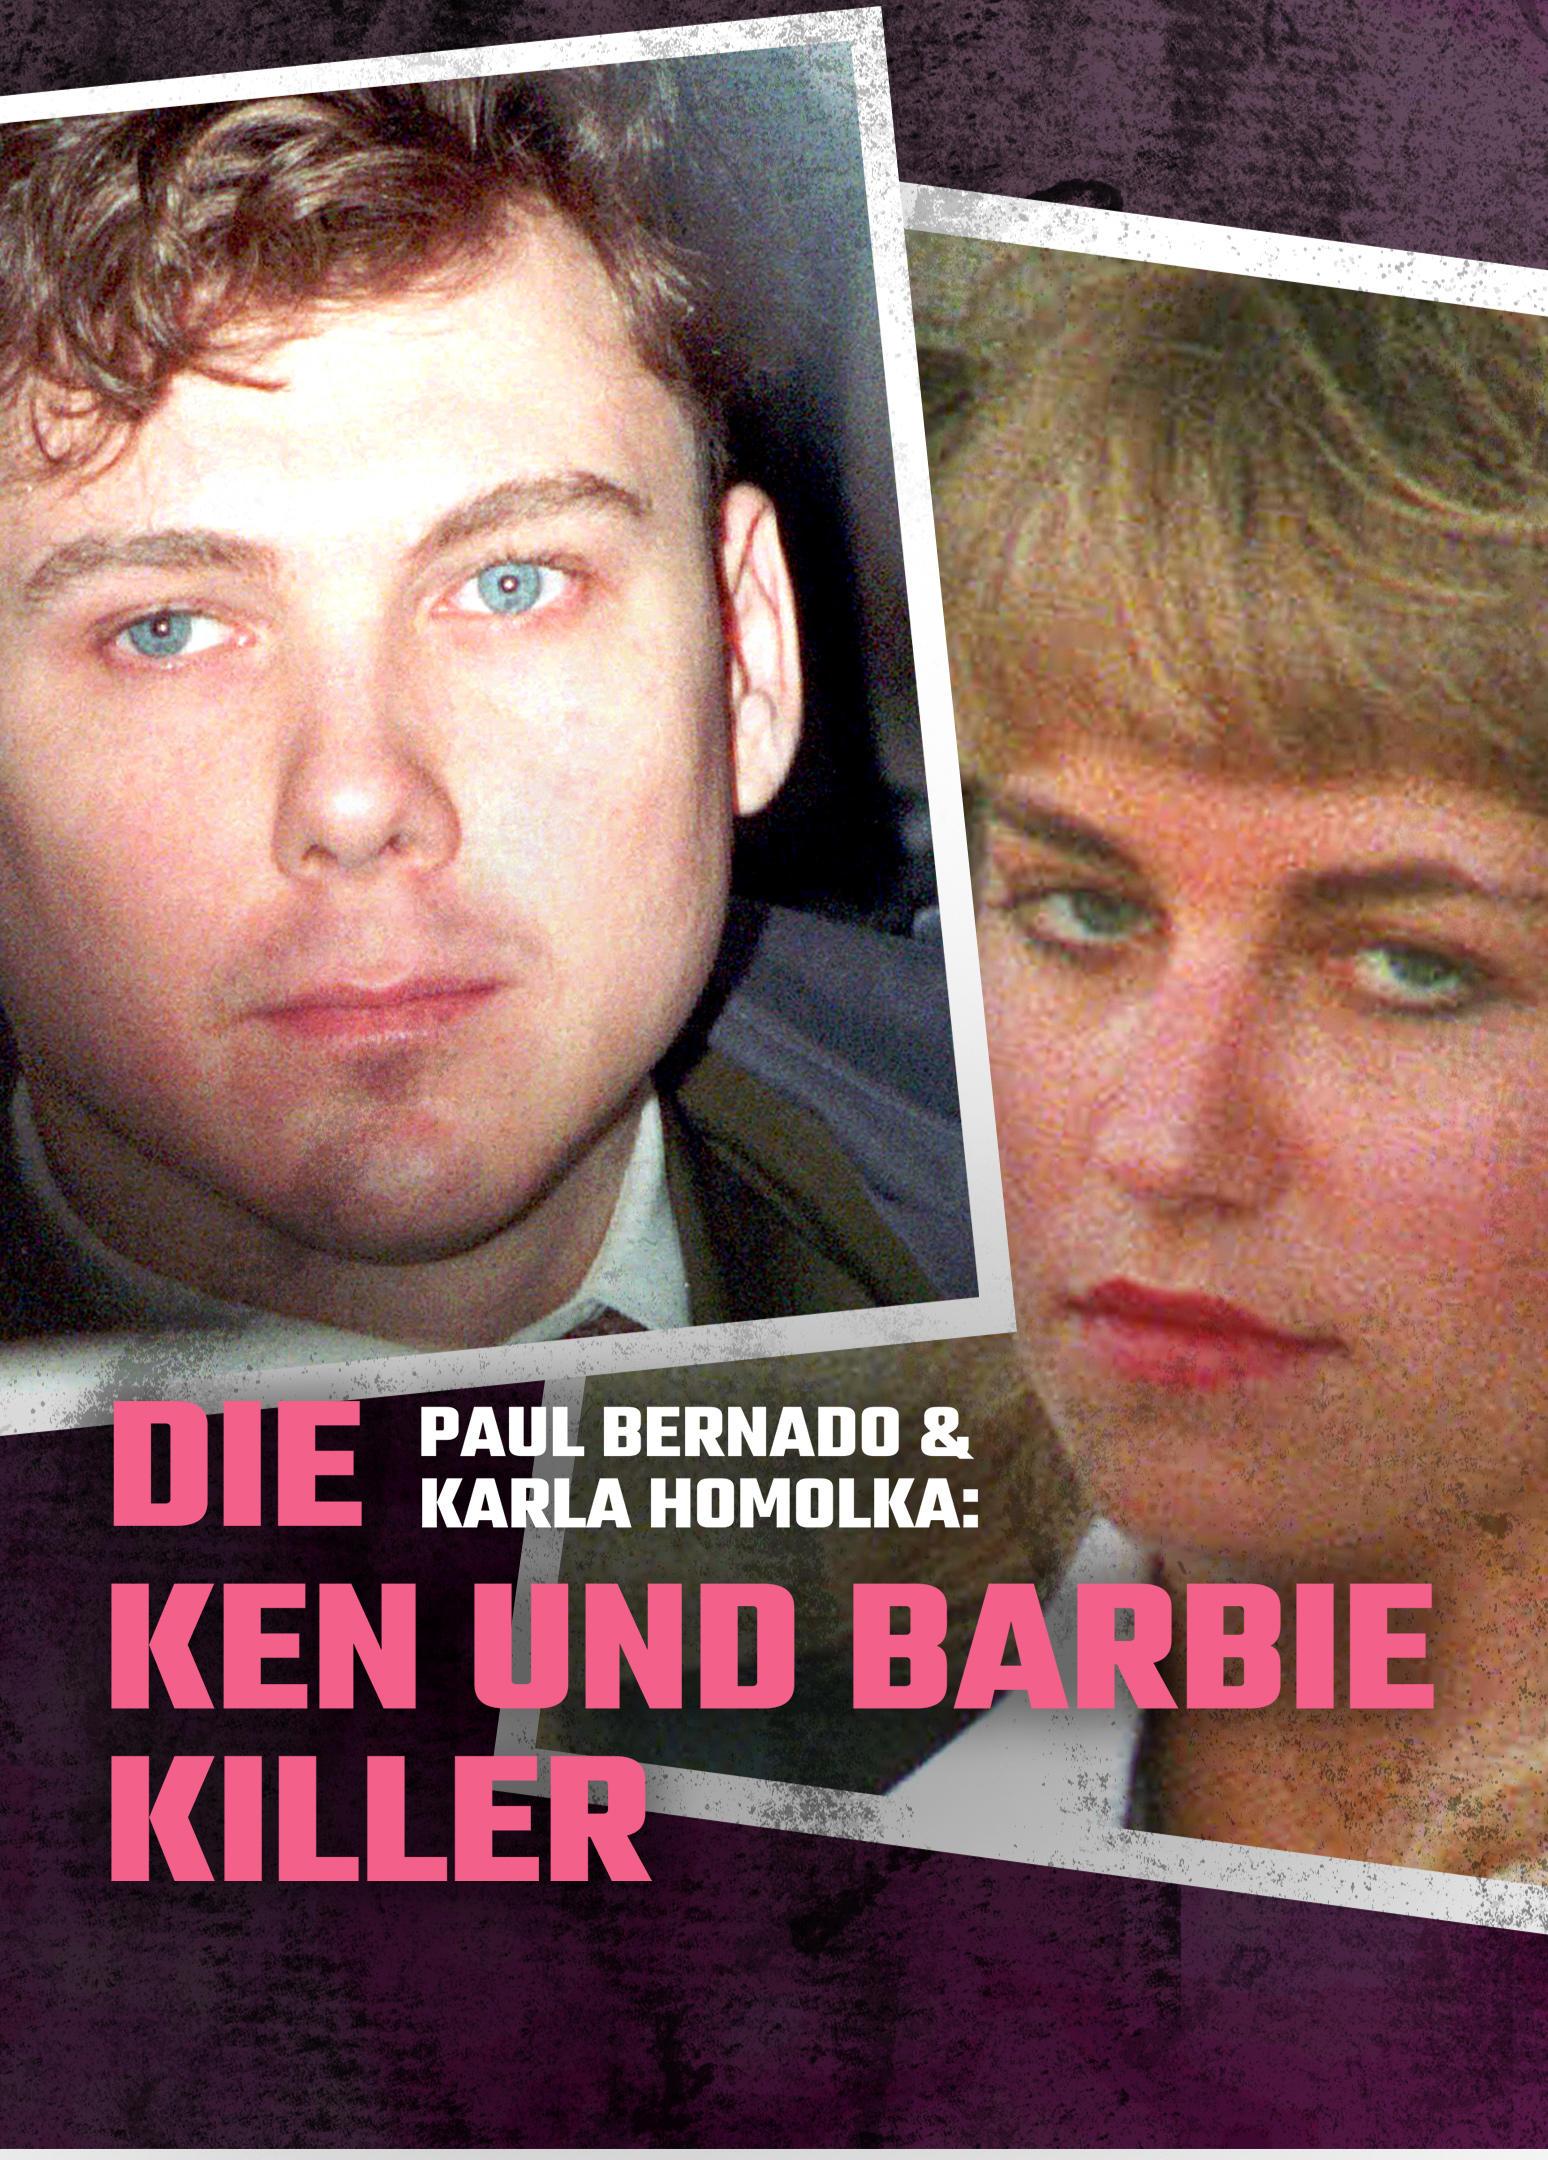 Paul Bernado & Karla Homolka: Die Ken und Barbie-Killer